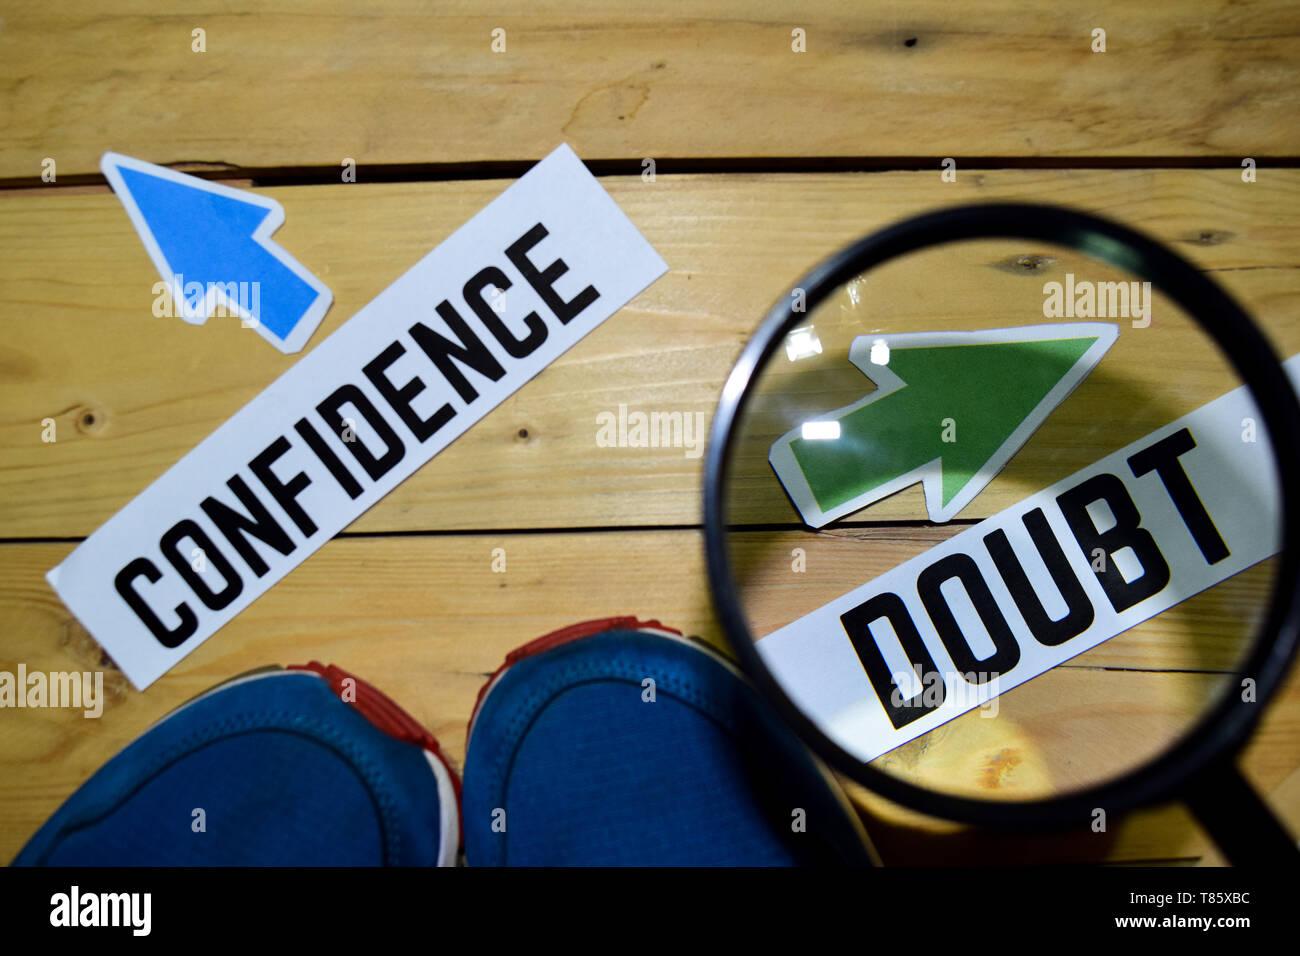 Vertrauen oder Zweifel entgegengesetzte Richtung Zeichen in Lupe mit Sneakers und Brillen auf Holz vintage Hintergrund. Wirtschaft und Bildung Konzepte Stockbild